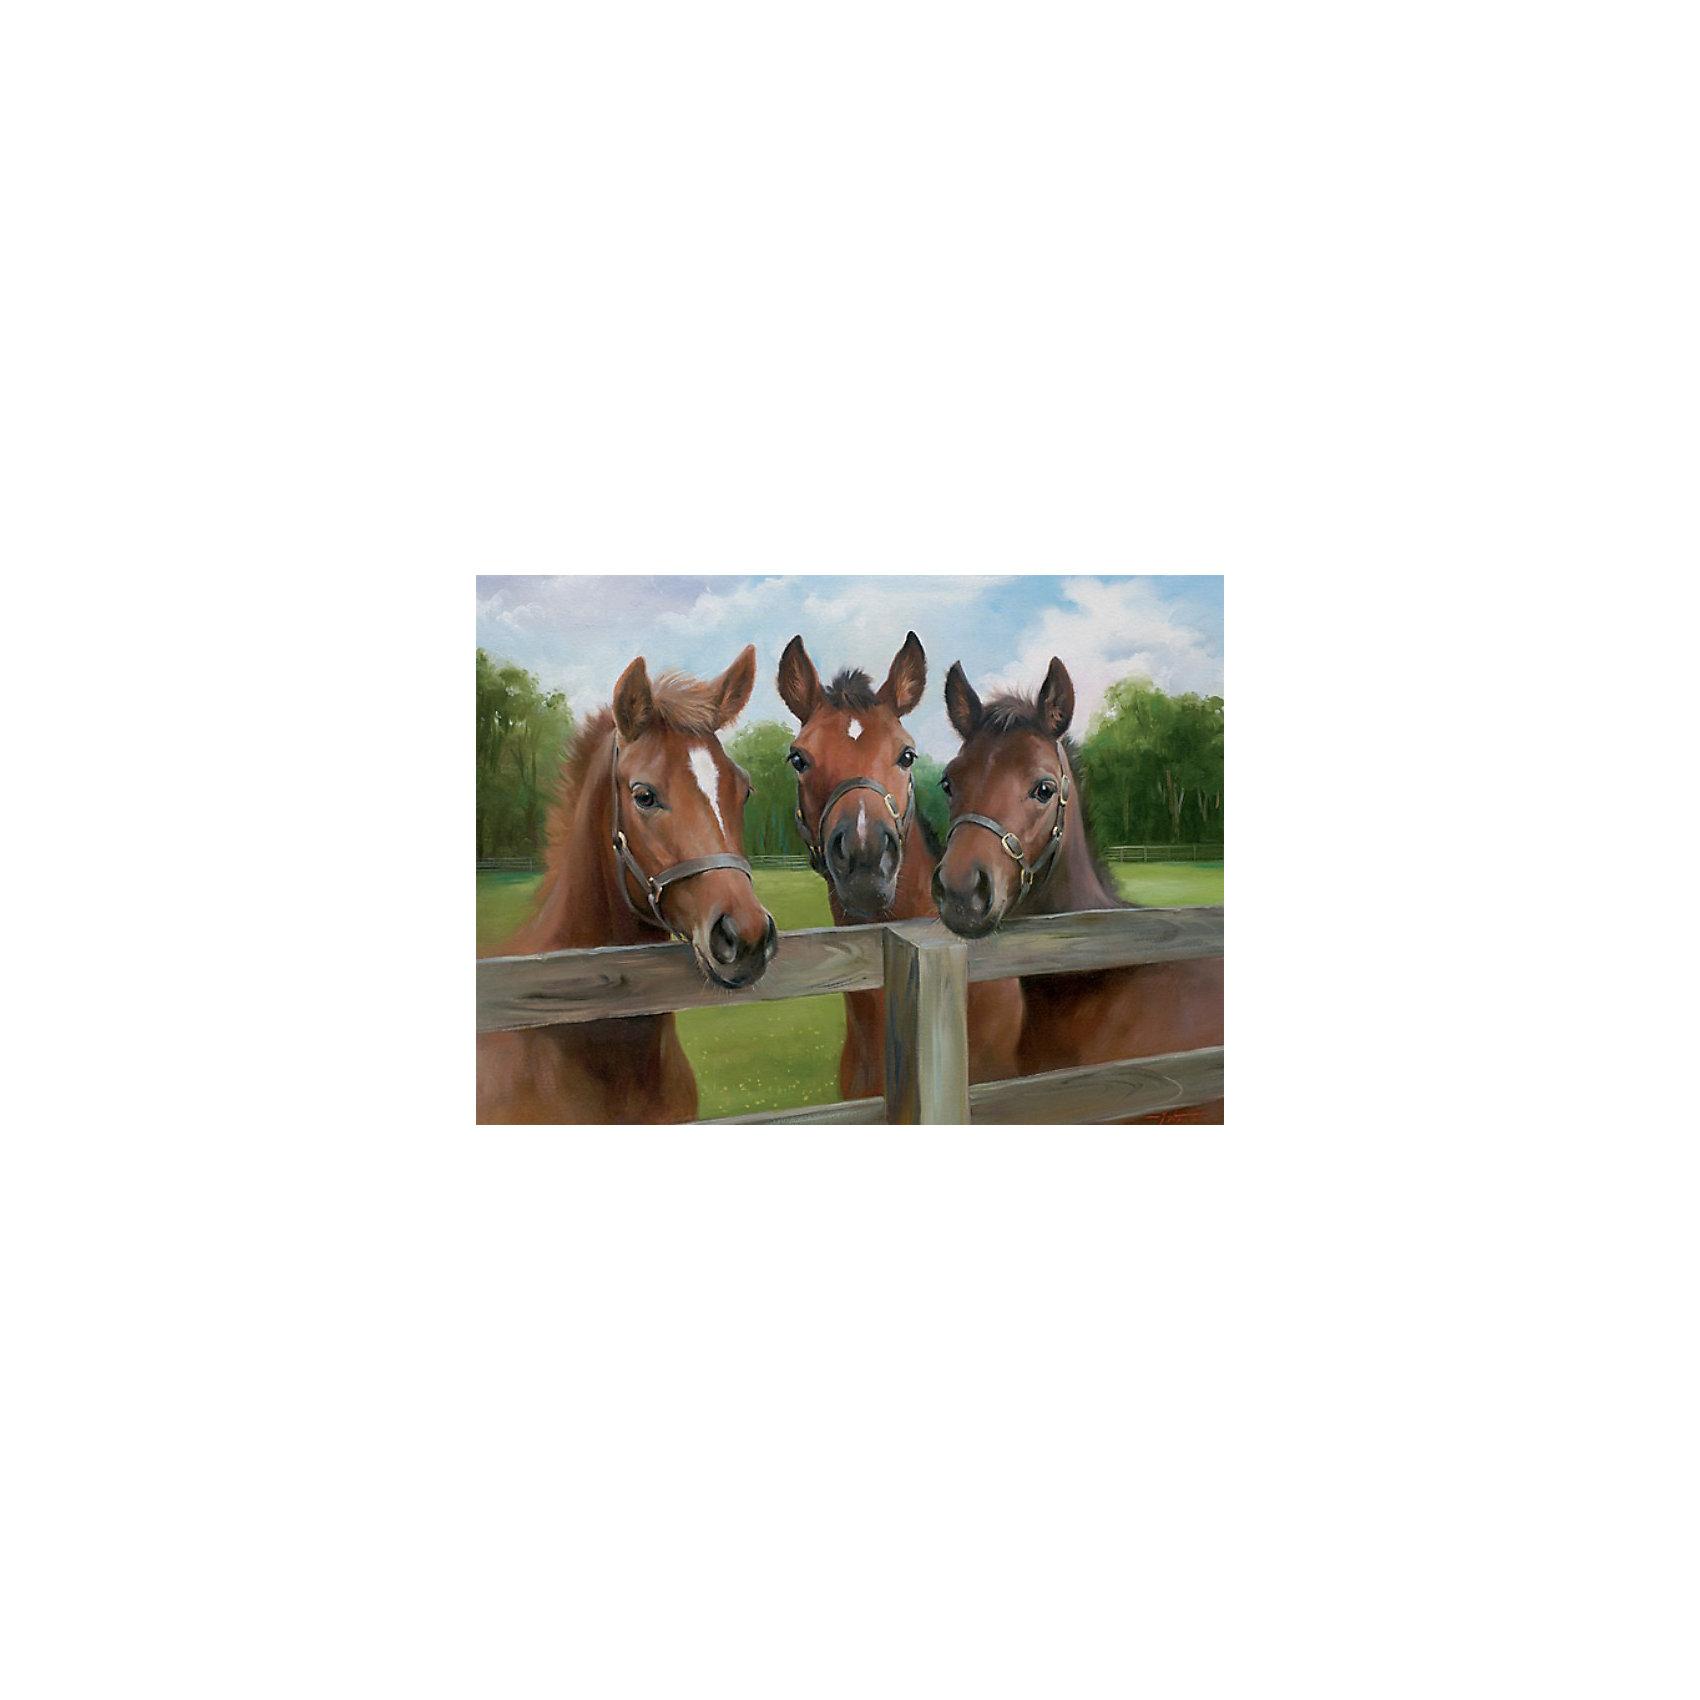 Пазл «Три лошади» 500 деталей, RavensburgerСобрав Пазл «Три лошади» 500 деталей, Ravensburger (Равенсбургер), Вы получите великолепную картину трех коричневых скаковых лошадей в загоне в высочайшем разрешении. Процесс собирания пазла Три лошади придется по душе Вам и Вашему ребенку, а живописная картина будет отлично смотреться на видном месте в Вашем доме!<br><br>Характеристики:<br>-Элементы идеально соединяются друг с другом, не отслаиваются с течением времени<br>-Высочайшее качество картона и полиграфии <br>-Матовая поверхность исключает отблески<br>-Развивает: память, мышление, внимательность, усидчивость, мелкая моторика, восприятие форм и цветов<br>-Занимательное времяпрепровождение для всей семьи<br>-Для сохранения в собранном виде можно использовать скотч или специальный клей для пазлов (в комплект не входит)<br><br>Дополнительная информация:<br>-Материал: плотный картон, бумага<br>-Размер собранного пазла: 49х36 см<br>-Размер упаковки: 34х23х4 см<br>-Вес упаковки: 550 г<br><br>Пазл «Три лошади» – великолепная игра для семейного досуга и оригинальный подарок друзьям! <br><br>Пазл «Три лошади» 500 деталей, Ravensburger (Равенсбургер) можно купить в нашем магазине.<br><br>Ширина мм: 234<br>Глубина мм: 337<br>Высота мм: 38<br>Вес г: 511<br>Возраст от месяцев: 144<br>Возраст до месяцев: 228<br>Пол: Женский<br>Возраст: Детский<br>Количество деталей: 500<br>SKU: 1698347